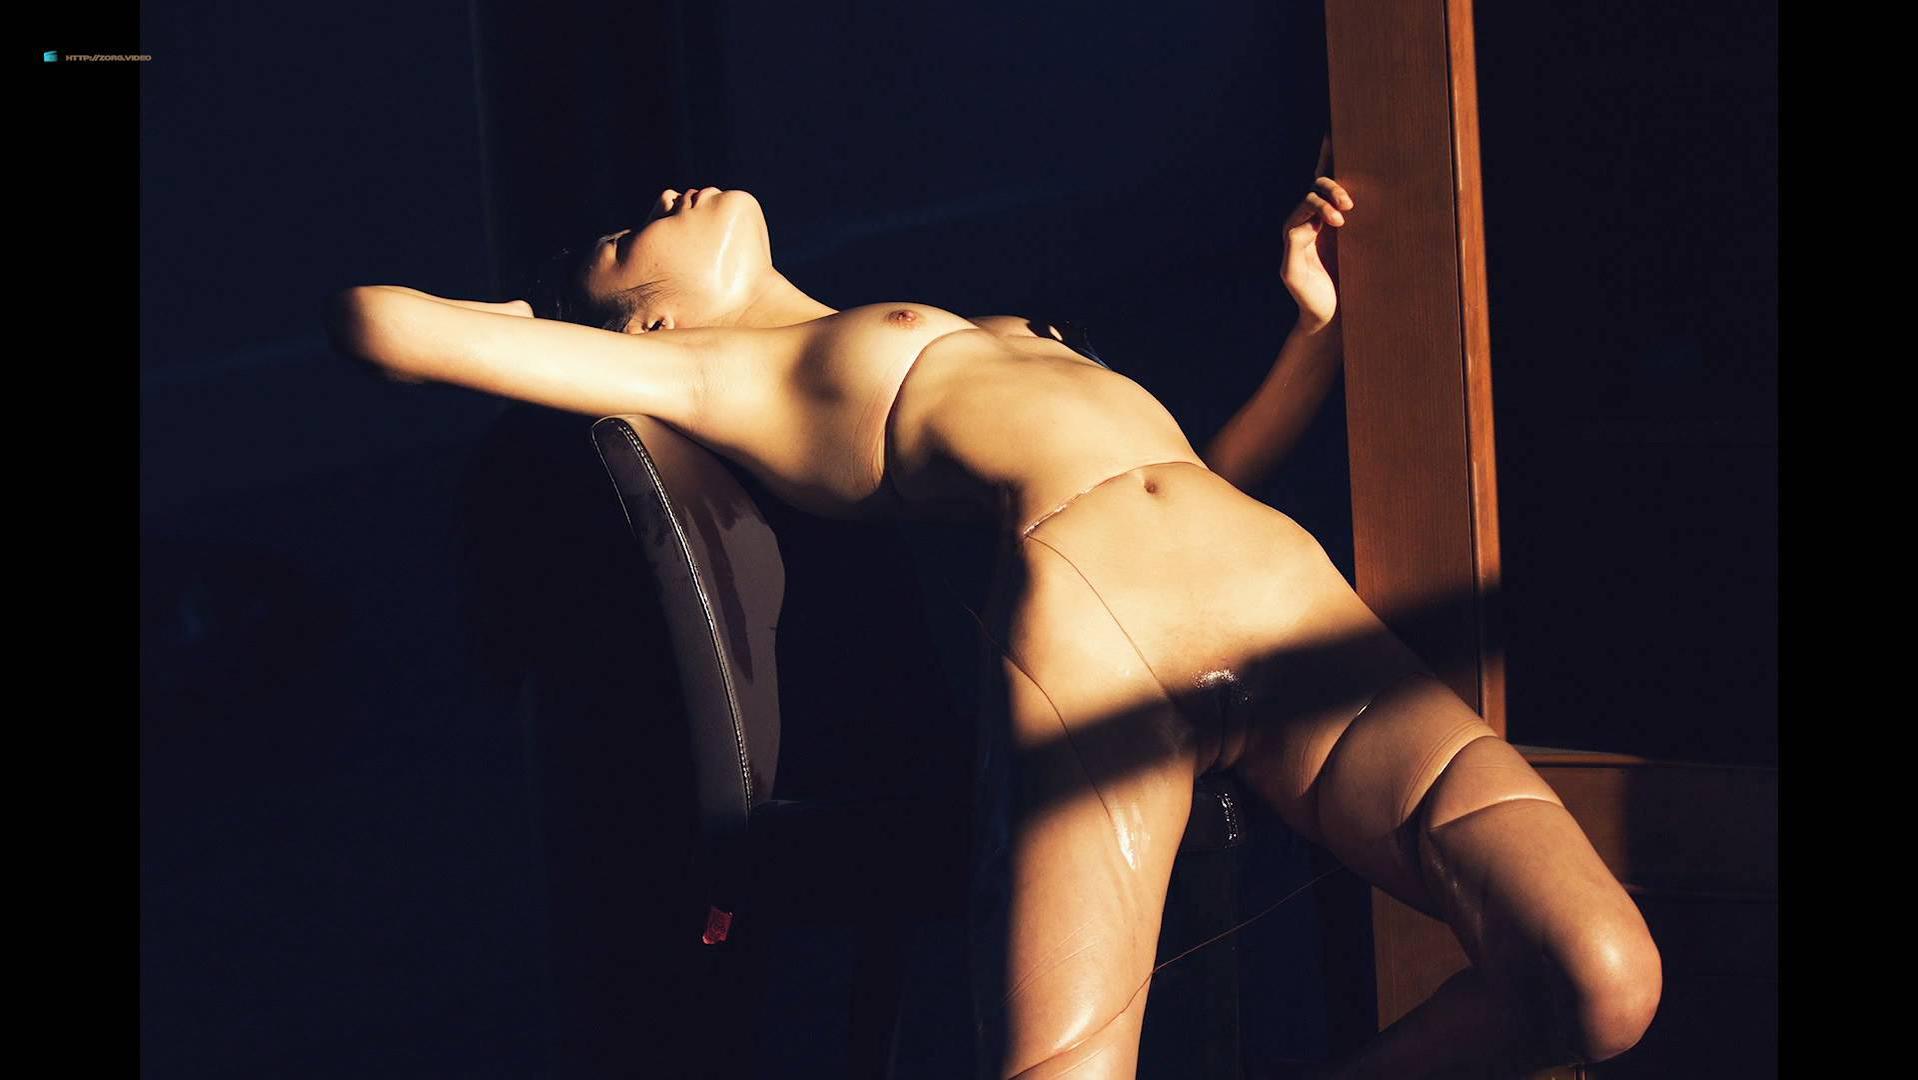 Nude net